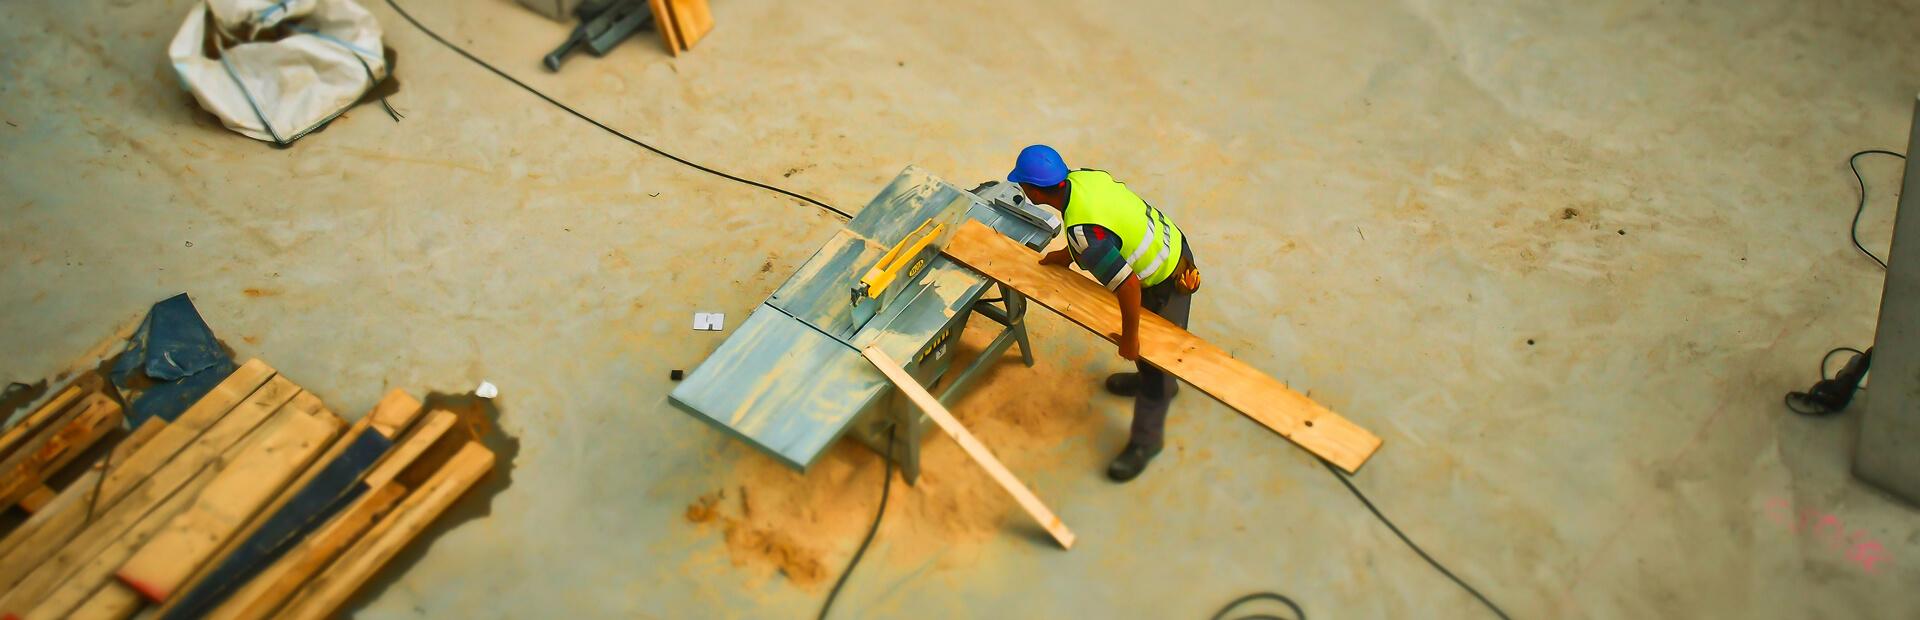 Baustellenarbeiter beim zuschneiden von Holzplatten